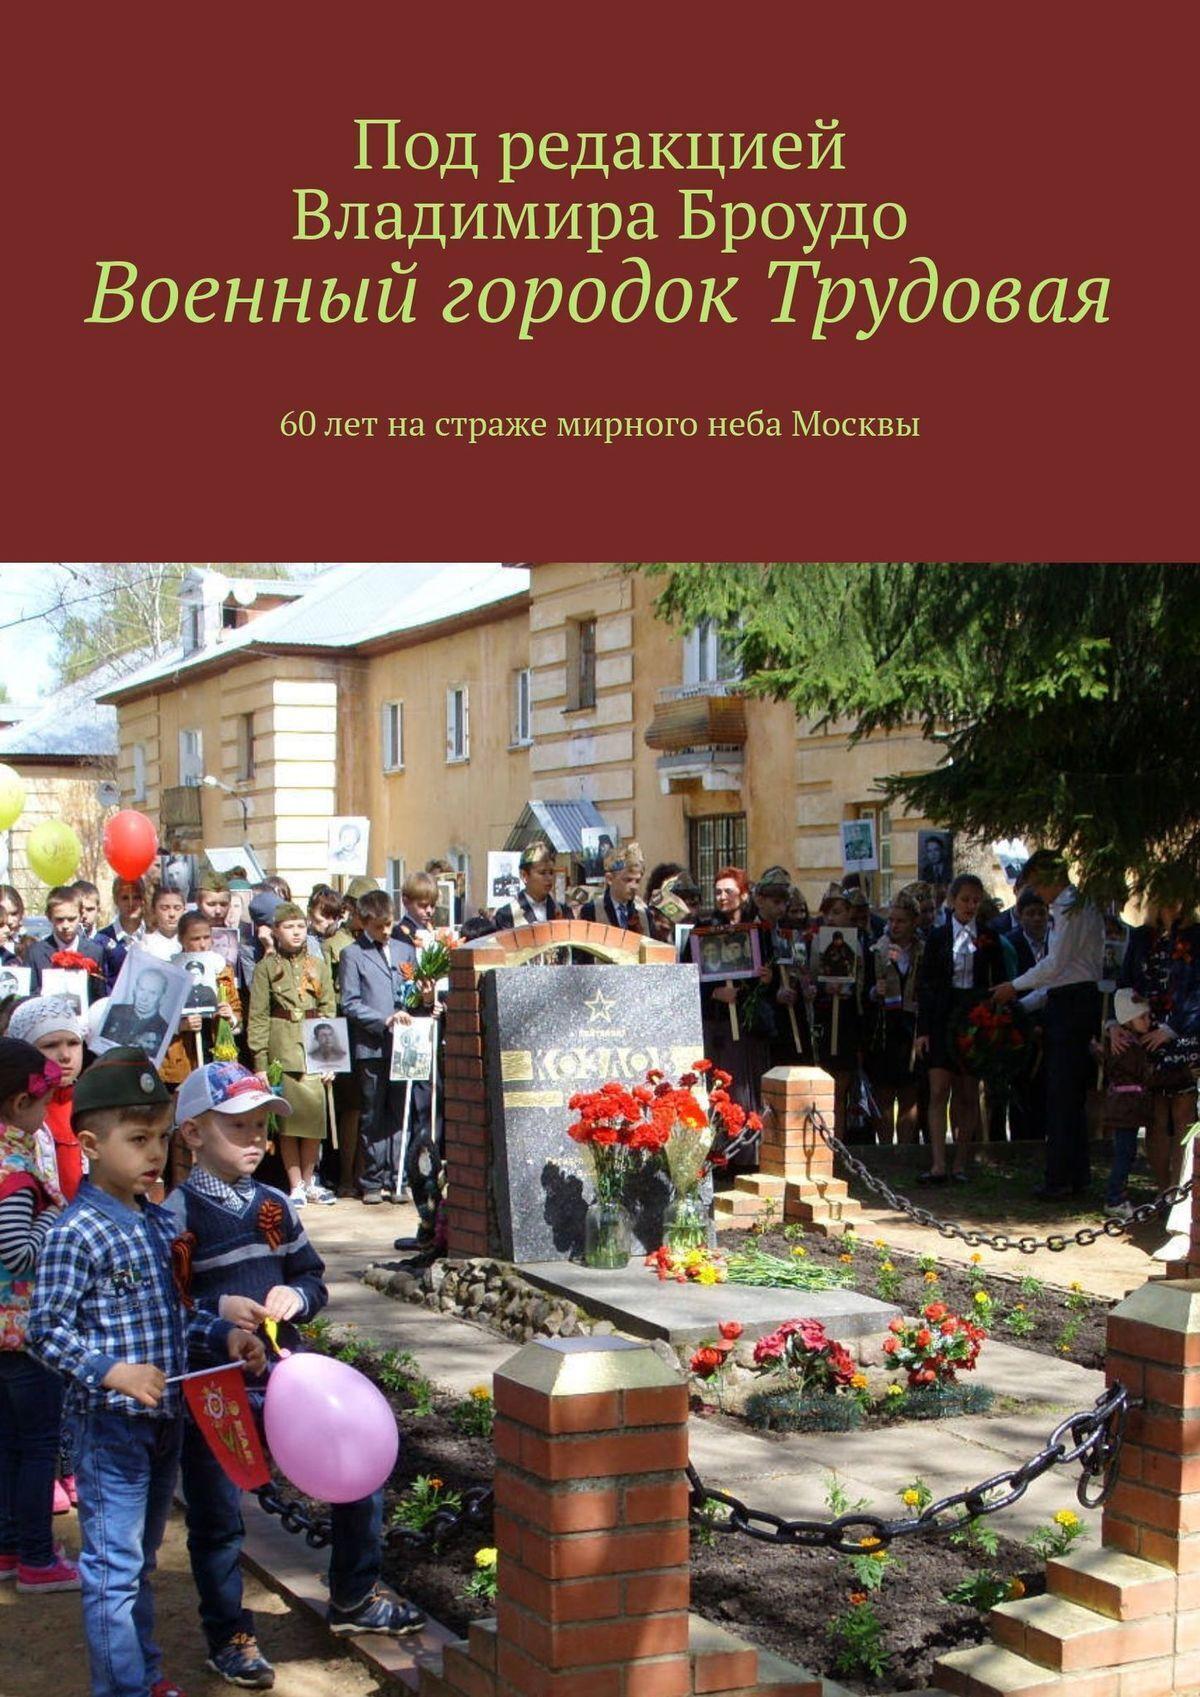 Владимир Броудо Военный городок Трудовая. 60лет настраже мирного неба Москвы цены онлайн